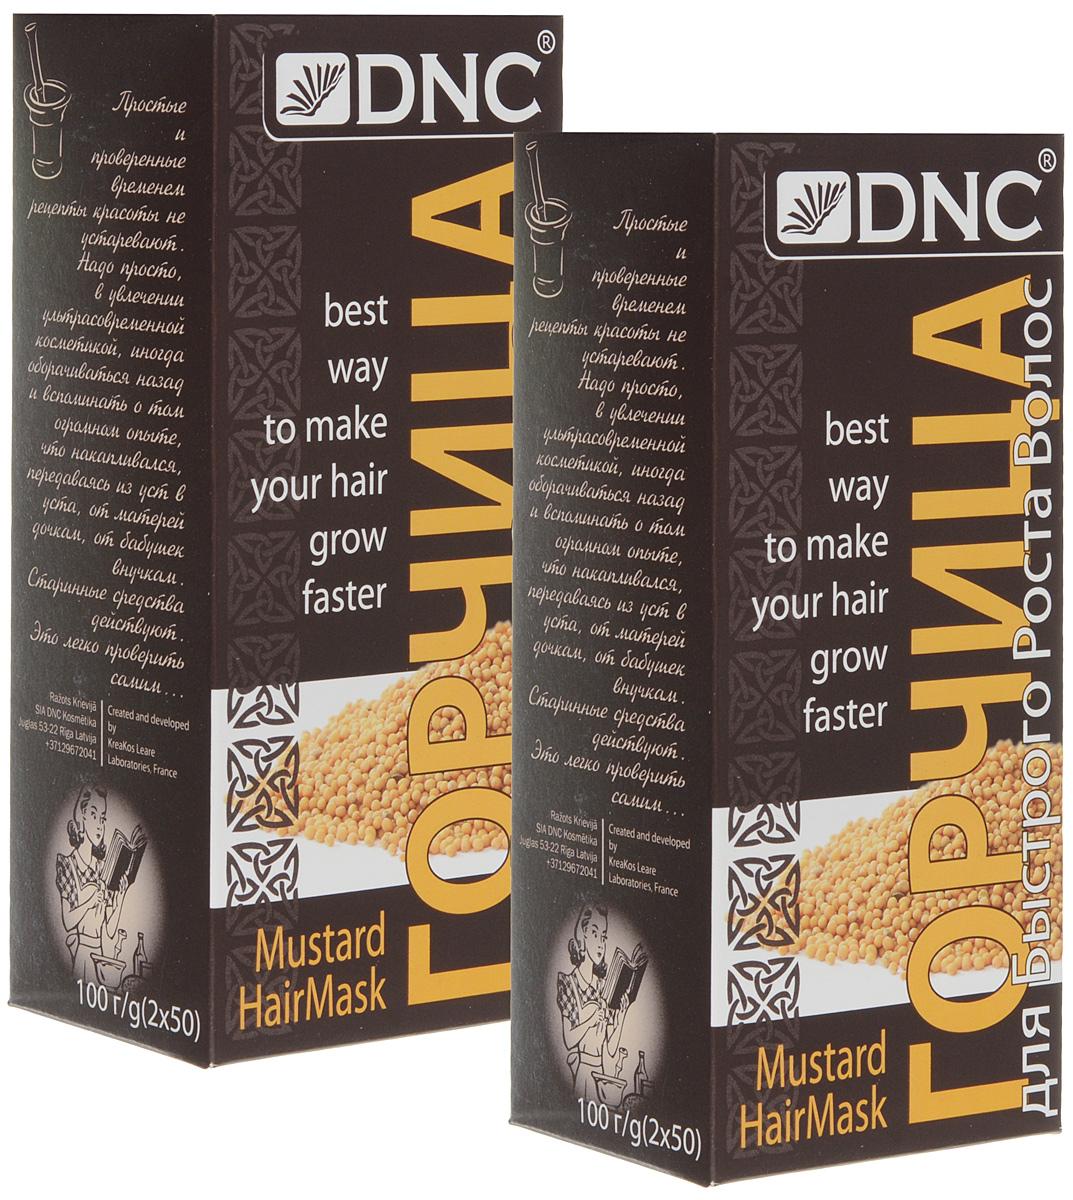 DNC Горчица для волос + Горчица для волос (2*100г) наборMP59.4DМаска вызывает приток кровик корням волос, способна разбудить и заставить активнее расти самые ленивые волоски. Усиленнный кровоток доставляет питательные вещества и кислород, необходимые для здорового роста прямо к луковицам, а лечебные травы и аминокислоты поддерживают стимуляцию их работы. Набор из 2х шт. В каждой 2 пакета по 50 грамм.